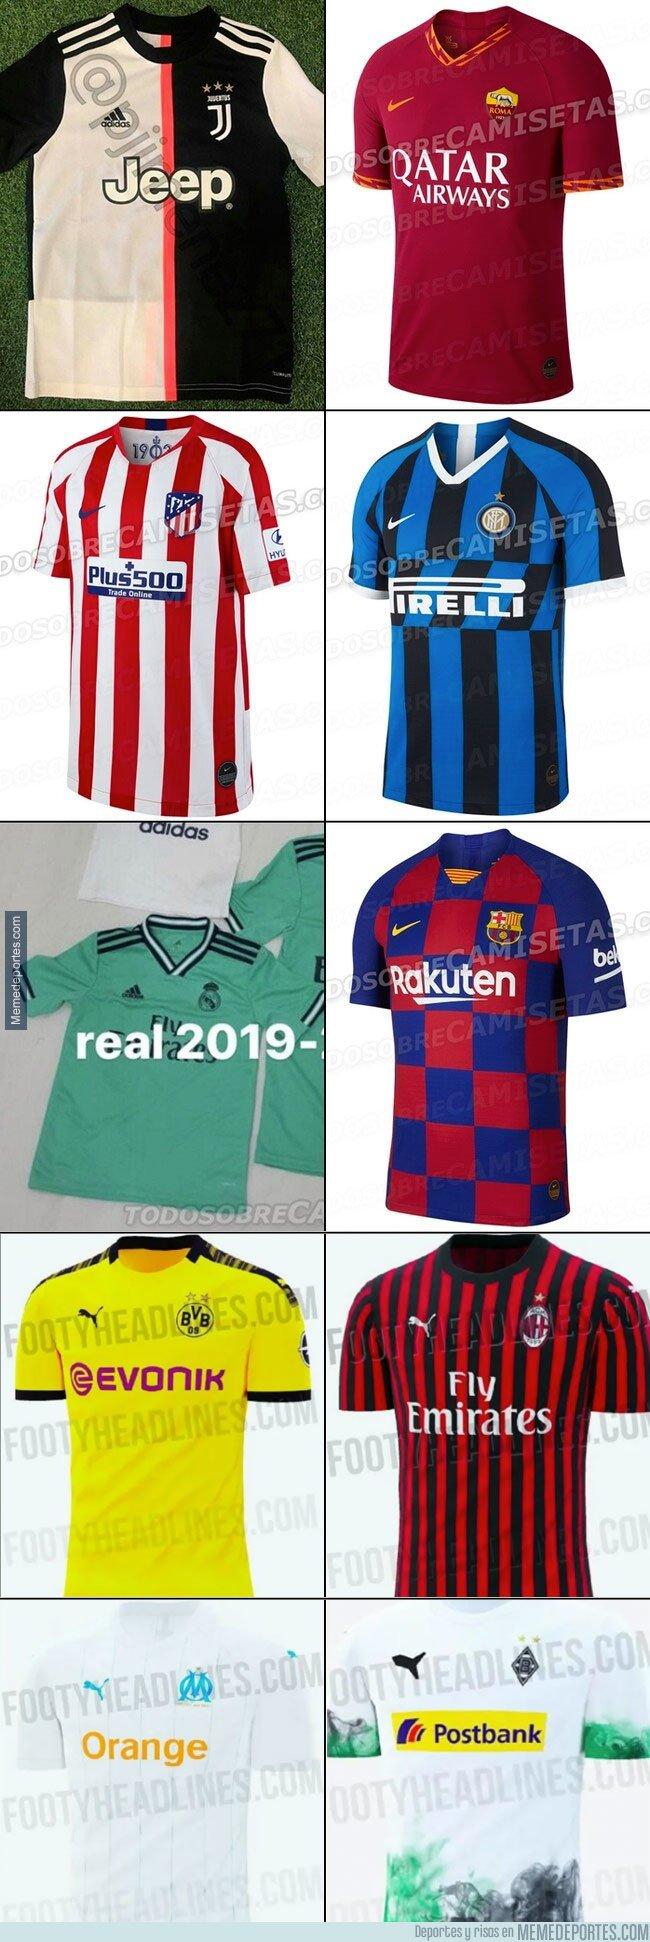 1069562 - Como es costumbre, pasado el meridiano de la temporada se empiezan a filtrar las camisetas del próximo curso. Aquí las primeras